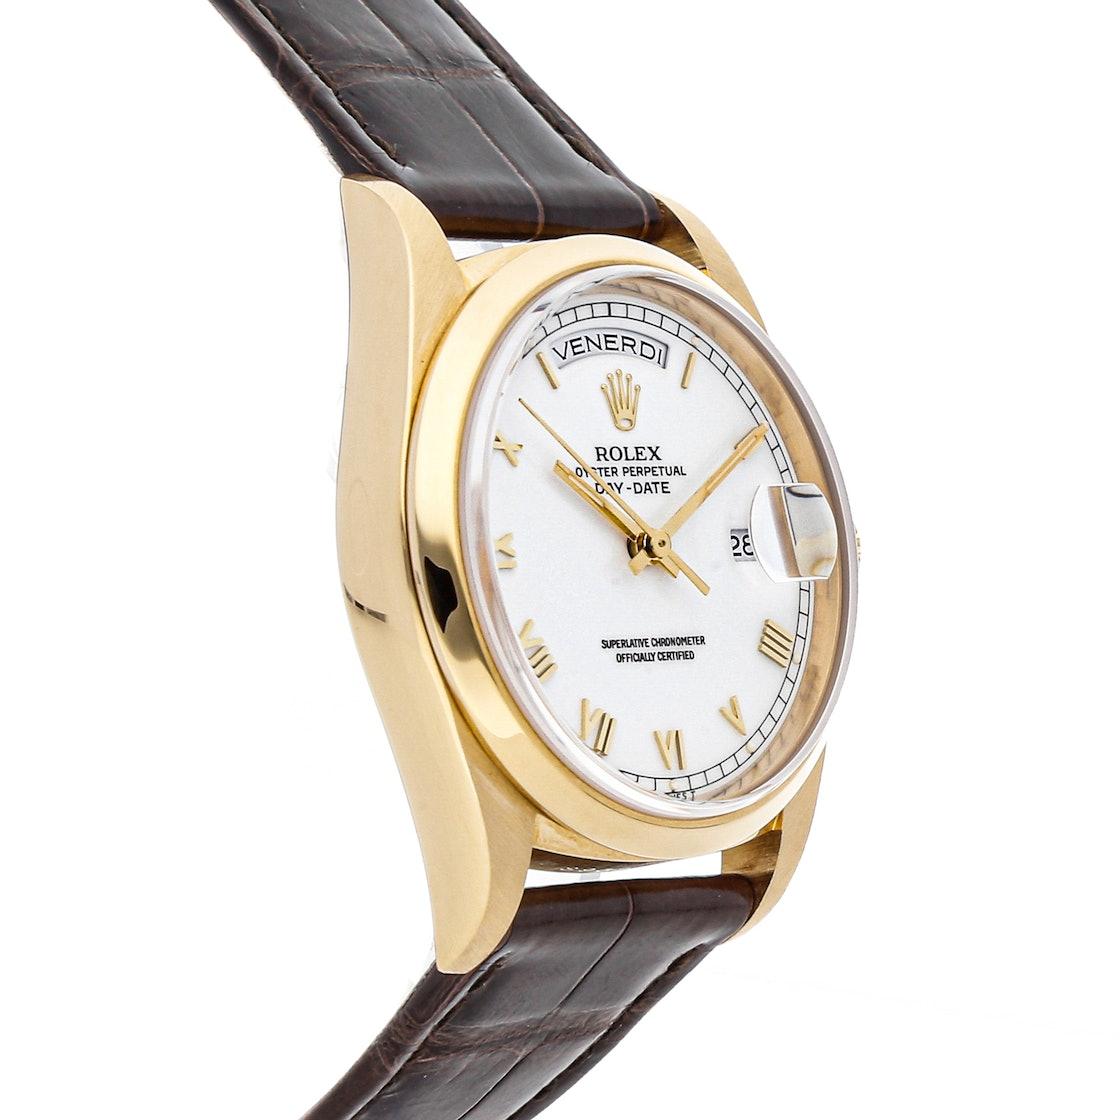 Rolex Day-Date 18208